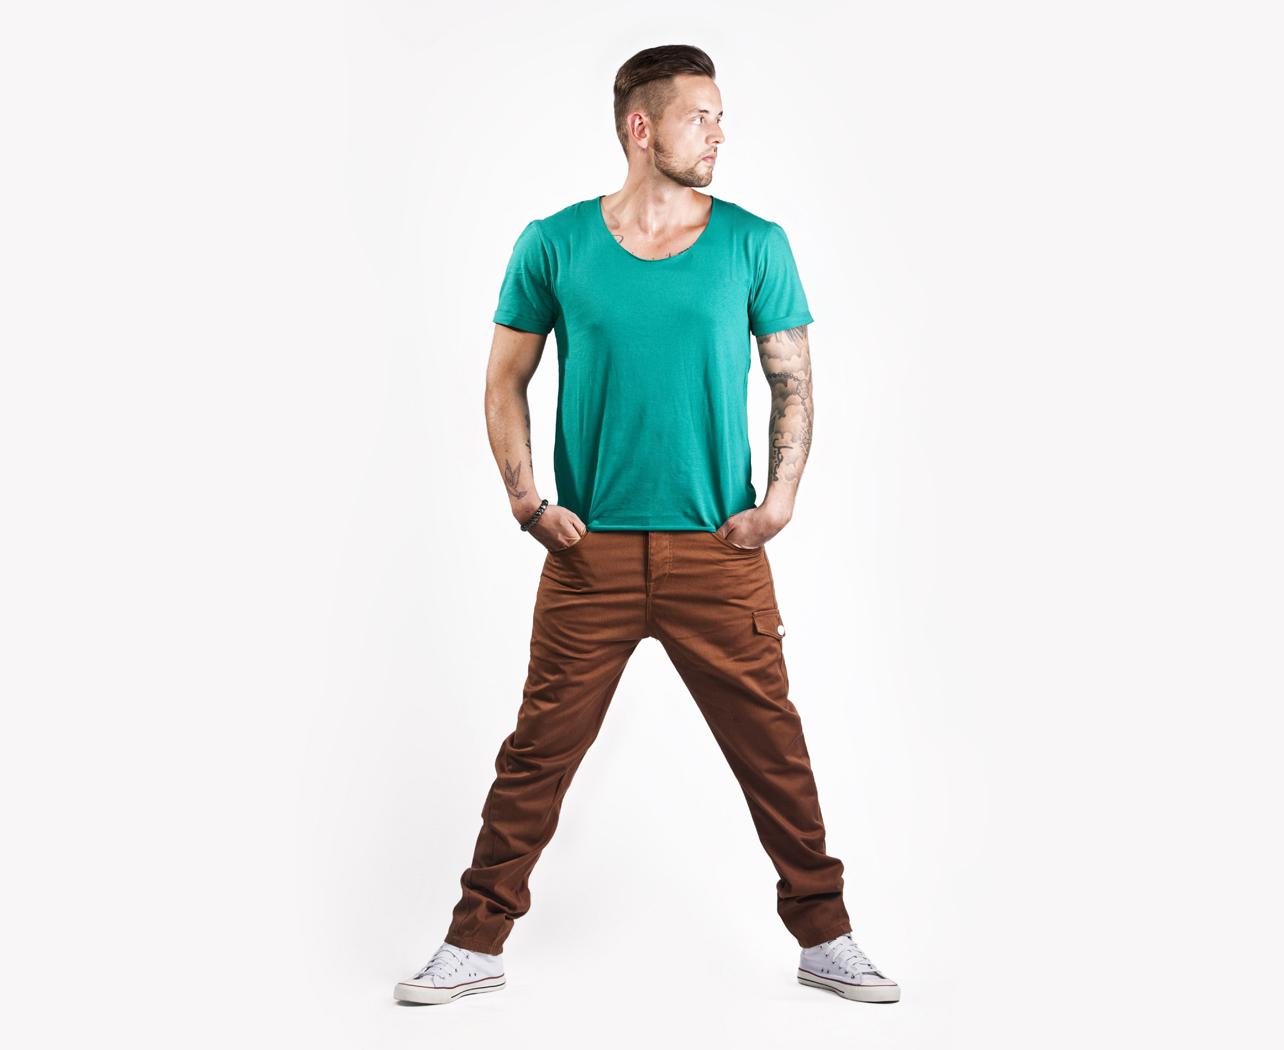 fashion-model